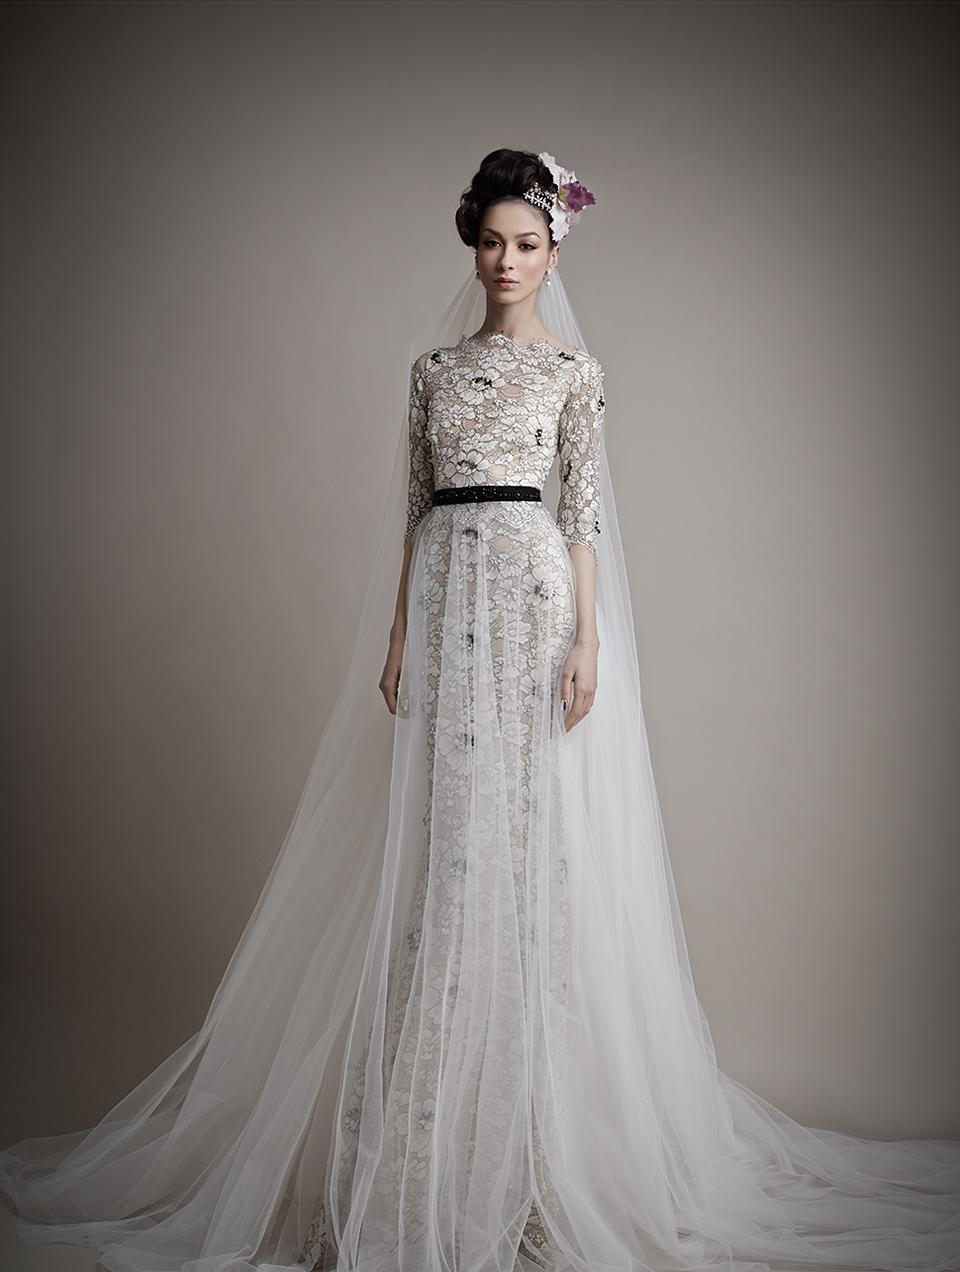 Коллекция свадебных платьев 2015 года от Ersa Atelier | Свадьбалист